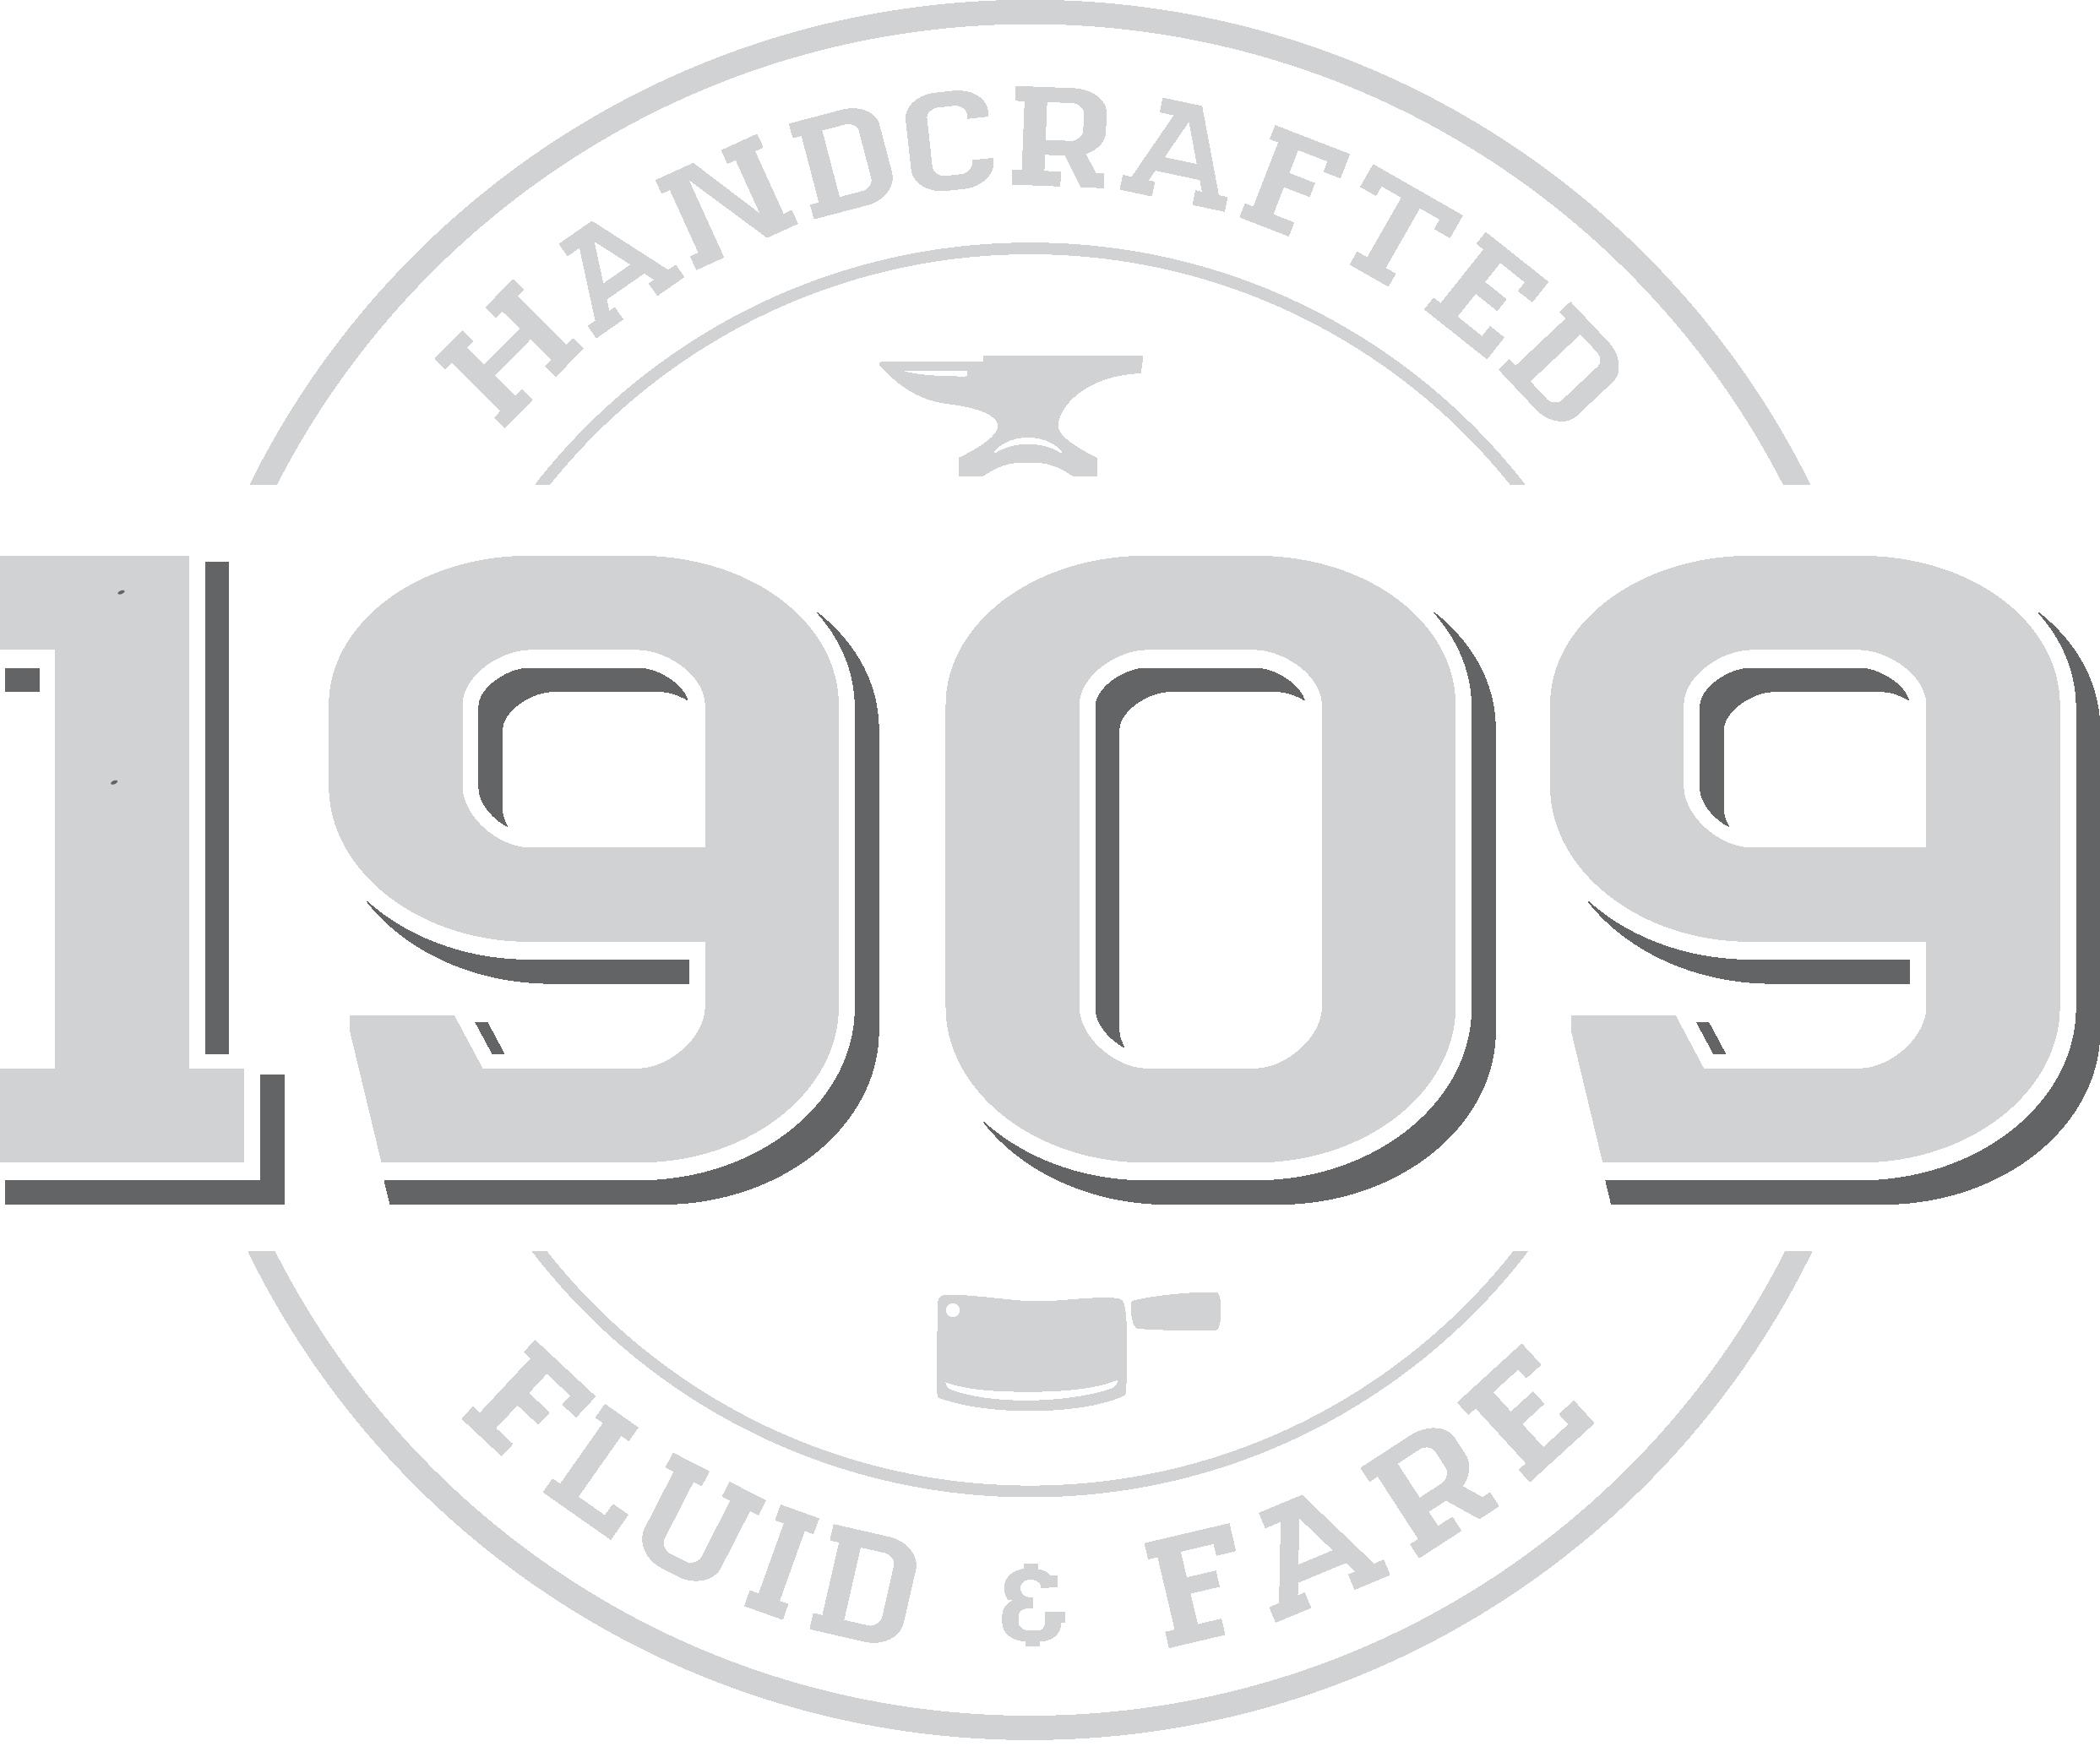 1909 Fluid & Fare